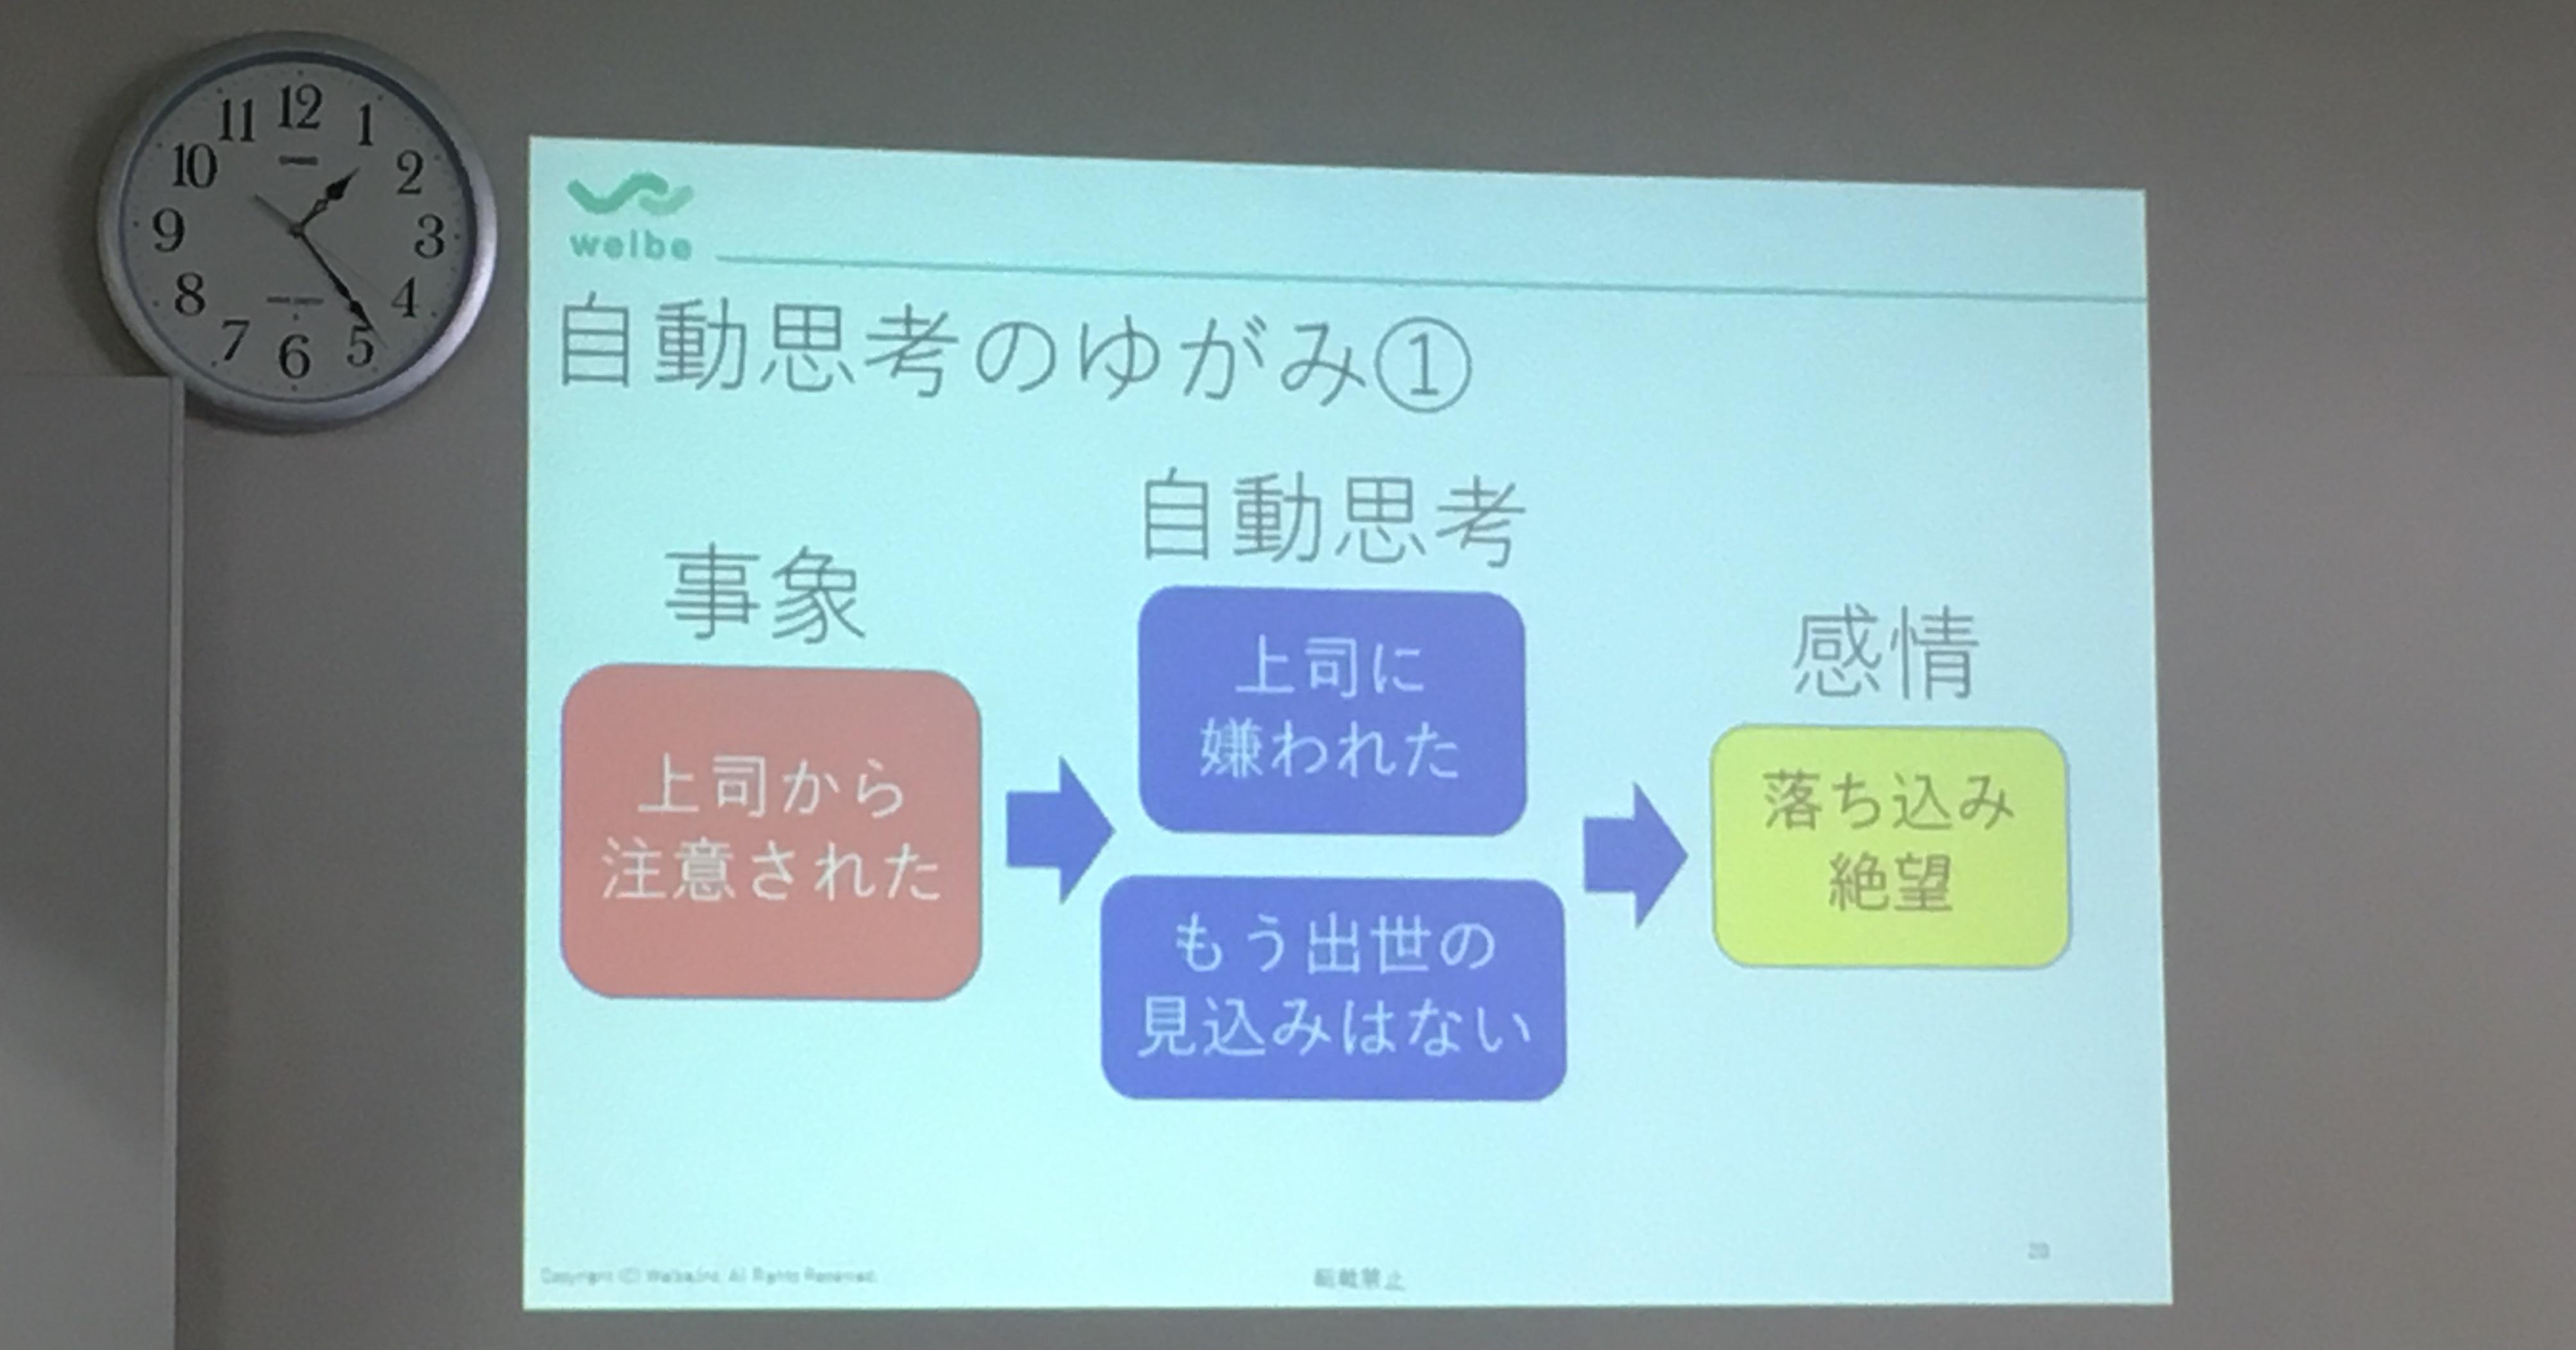 【渋谷】心理学講座の様子3